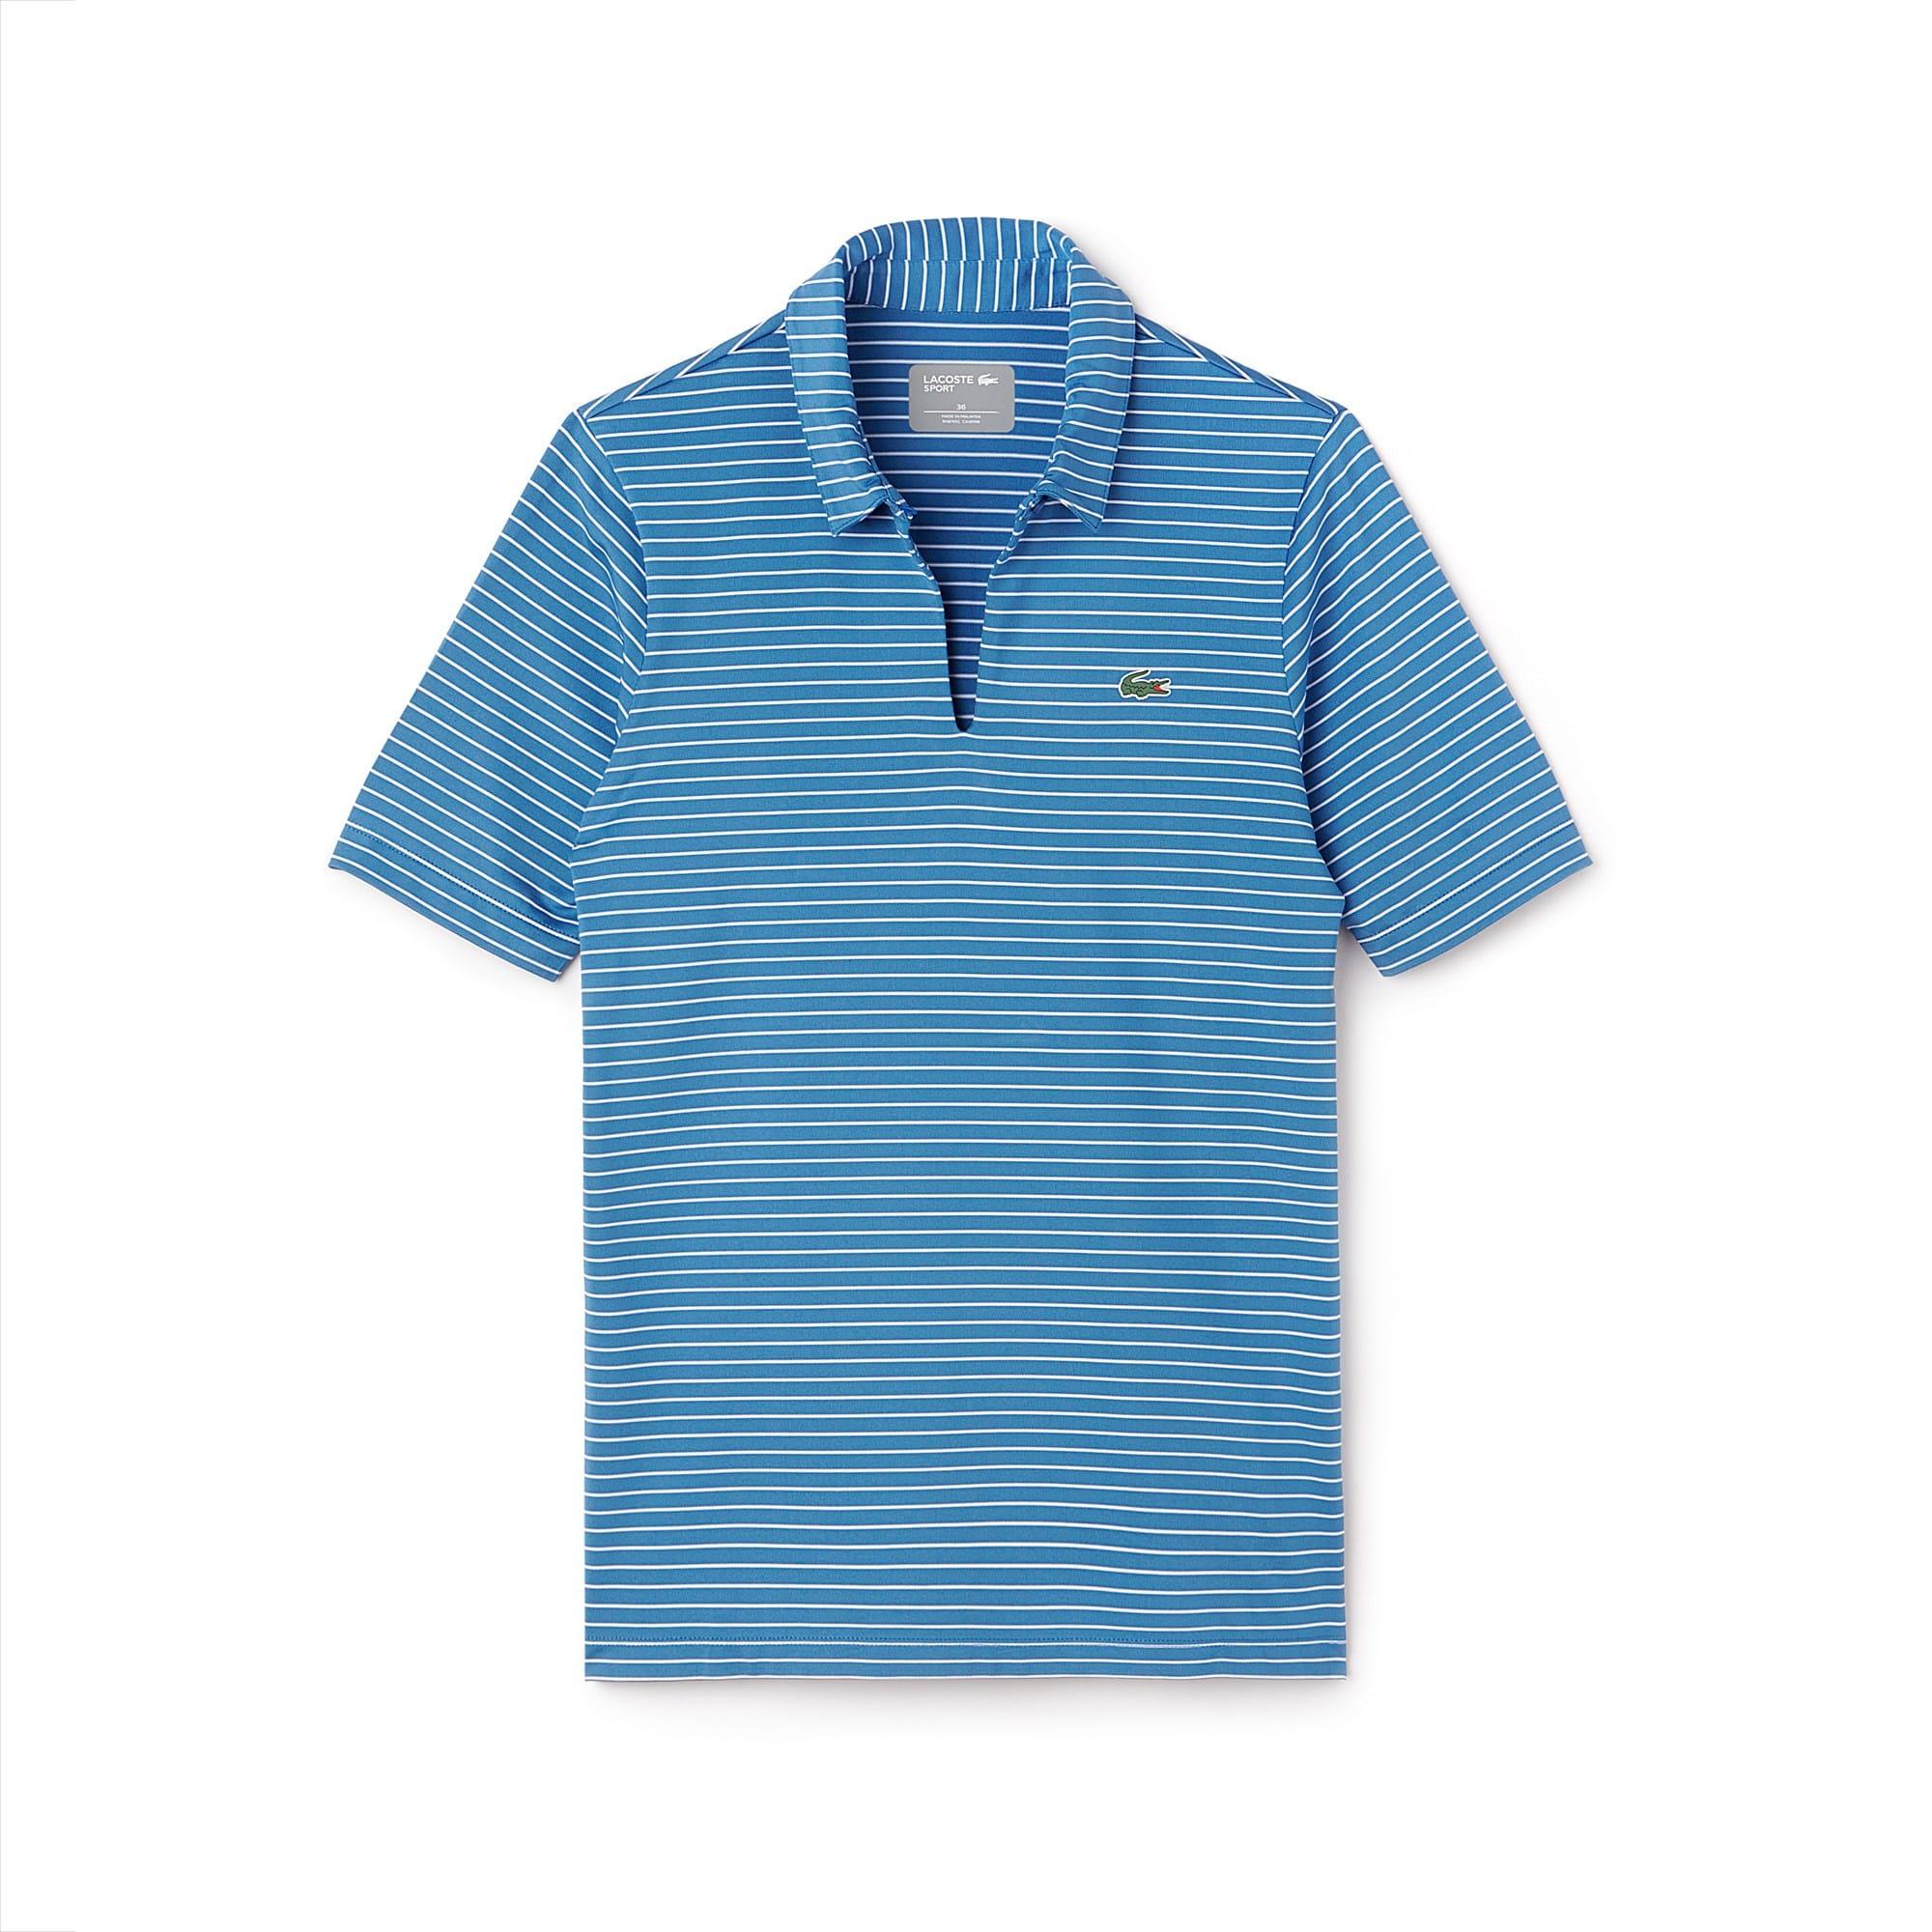 Polo encolure goutte Golf Lacoste SPORT en jersey technique rayé